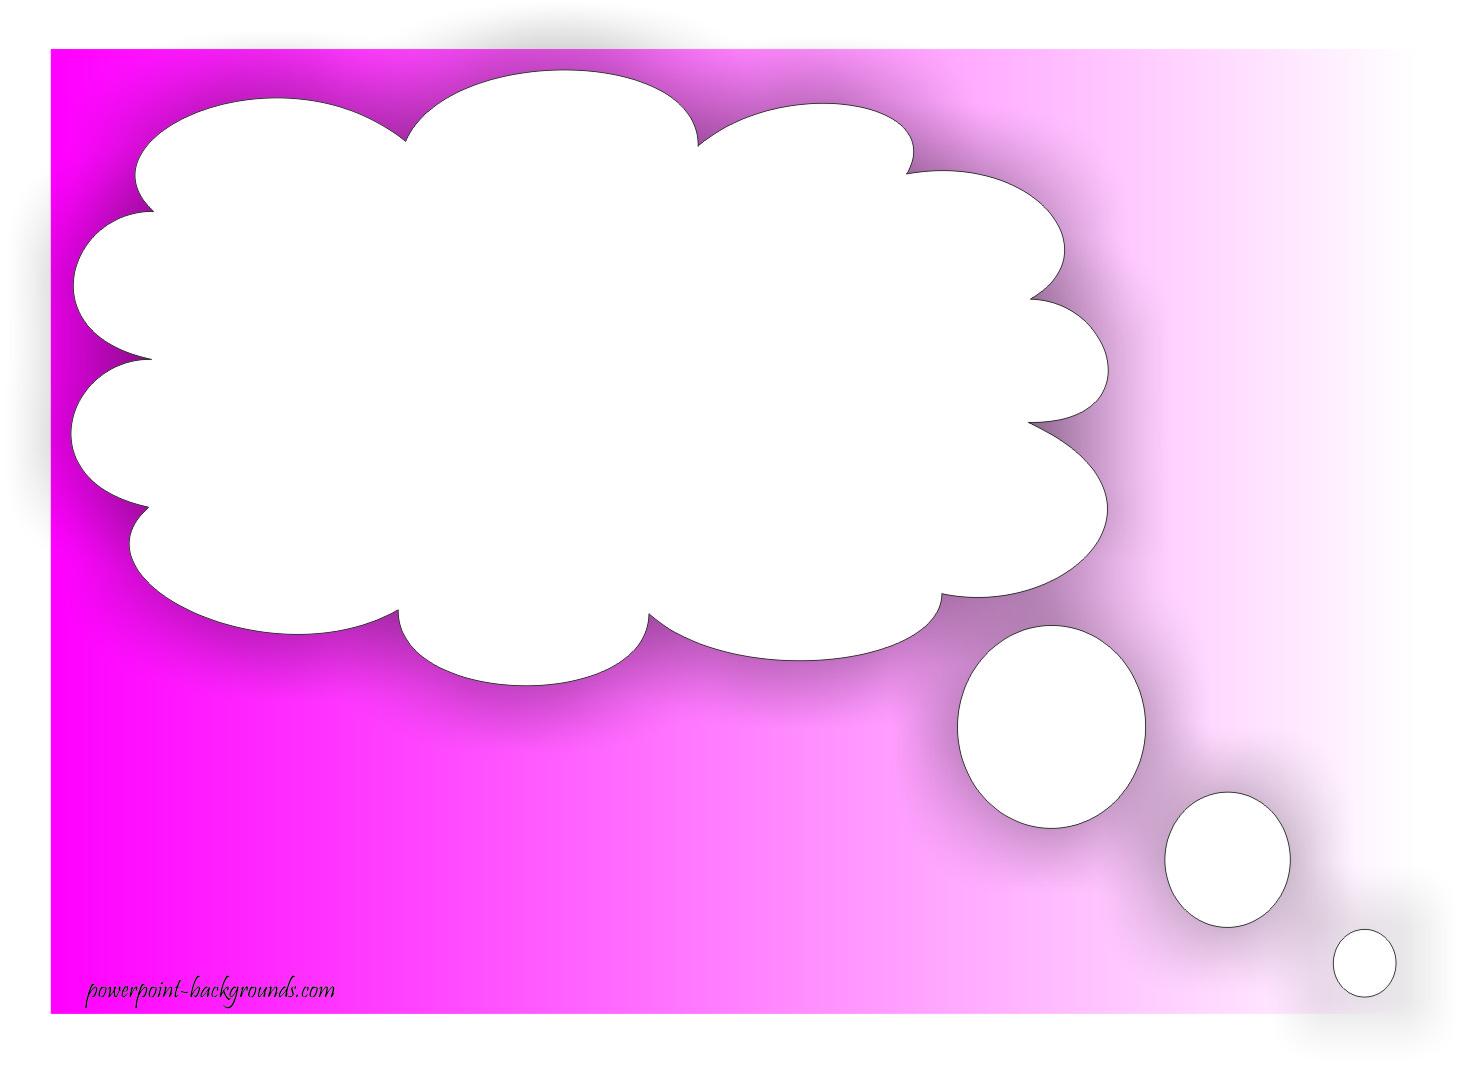 Presentation Background Images Presentation Background